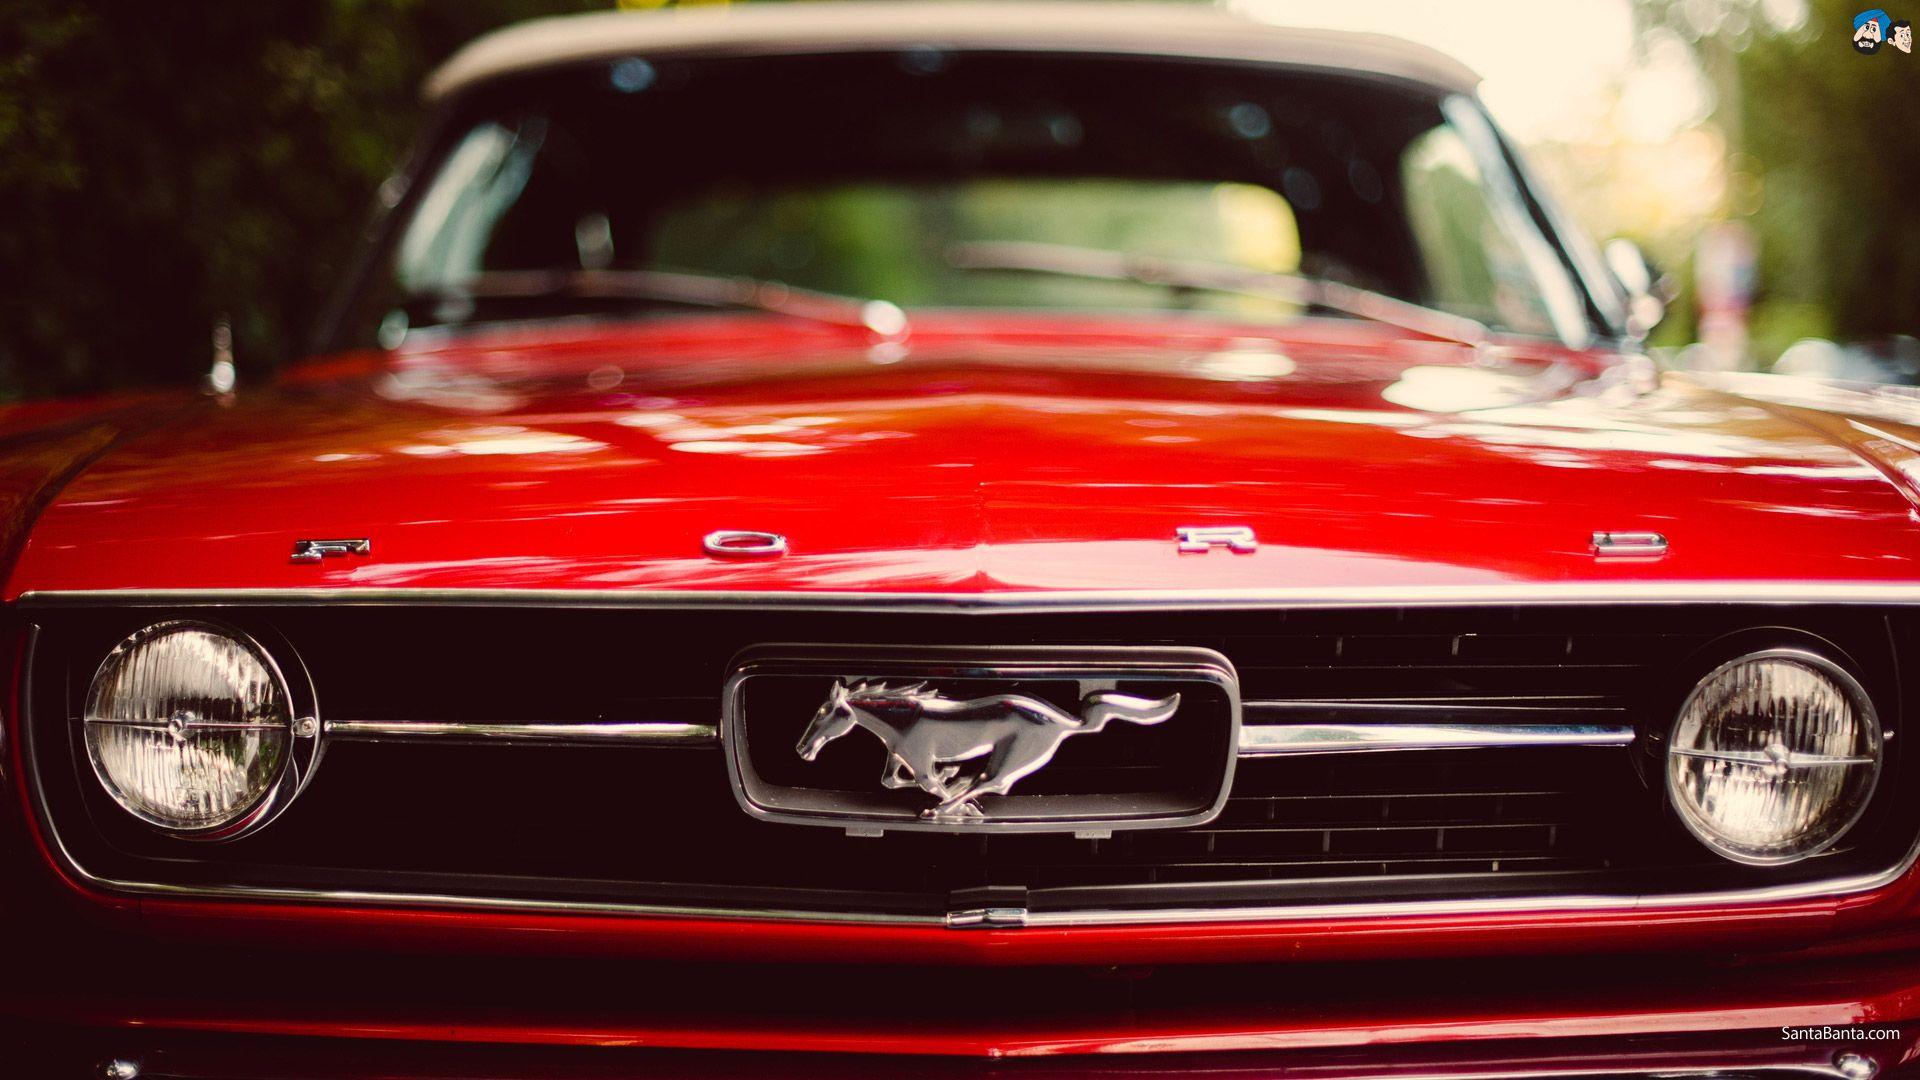 Best Wallpaper Logo Ford Mustang - 4742709cd1b963e0c495ae687fae360b  Trends_183168.jpg